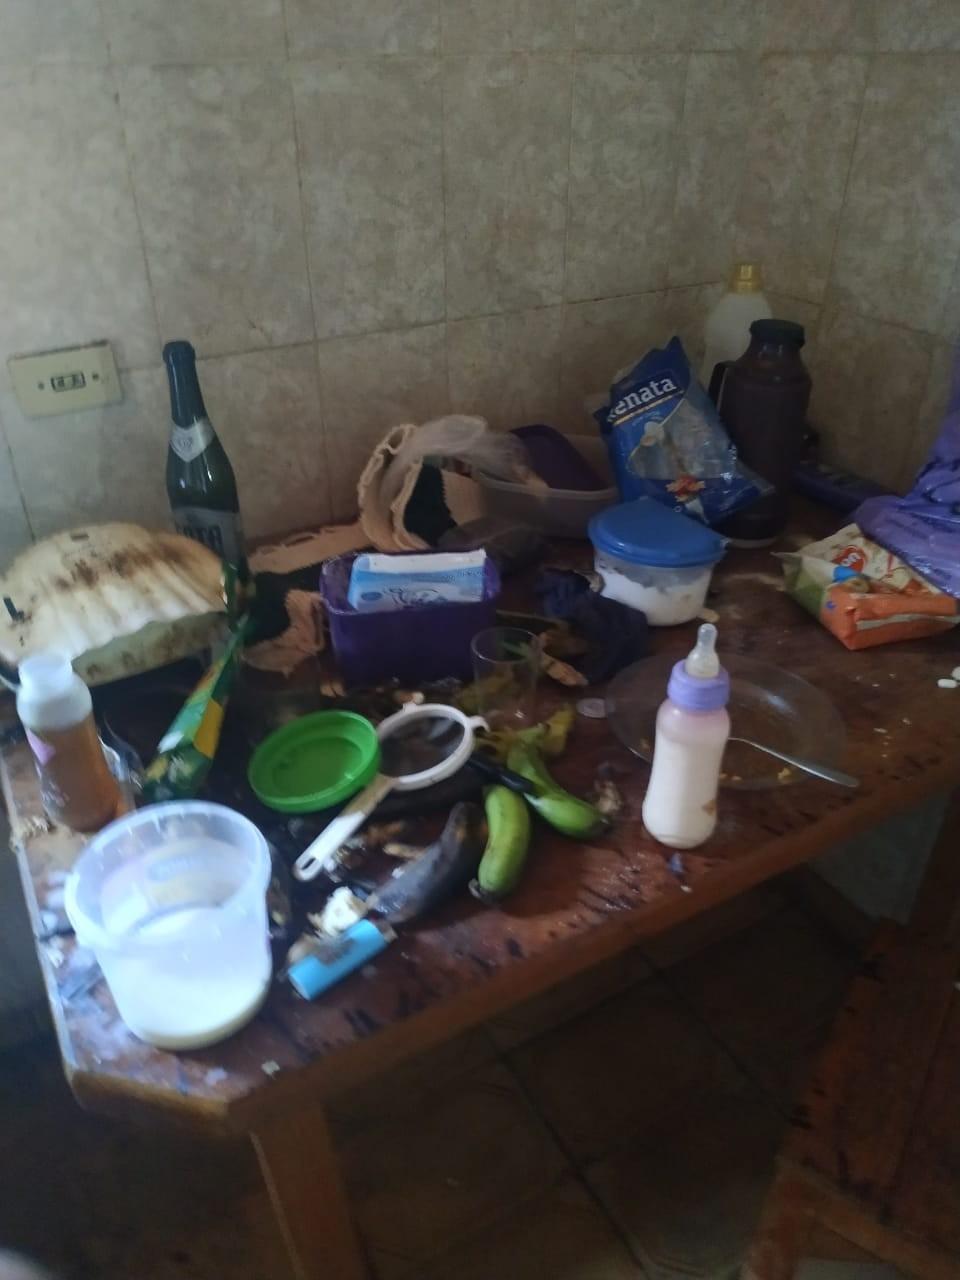 Conselho Tutelar resgata criança de 2 anos vivendo em condições insalubres